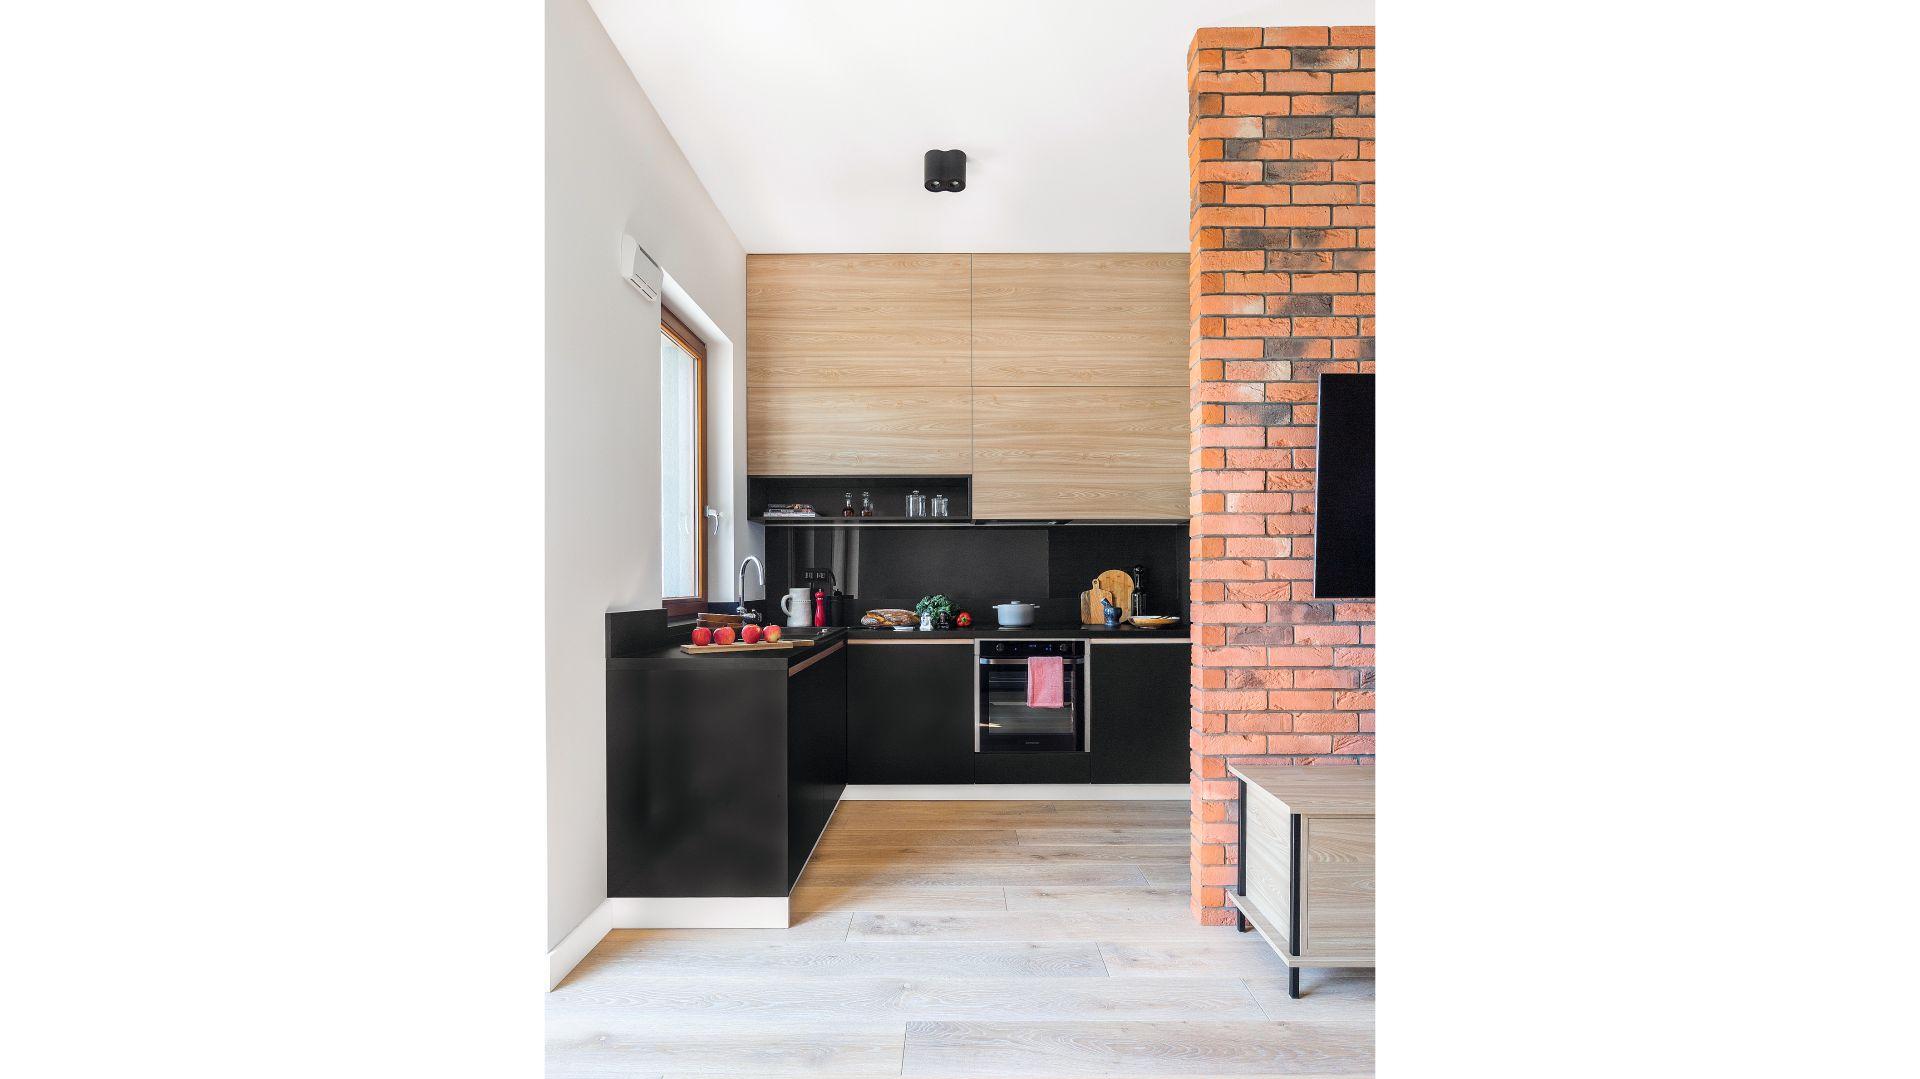 Piękna Kuchnia Zobacz Gotowy Projekt Wnętrza